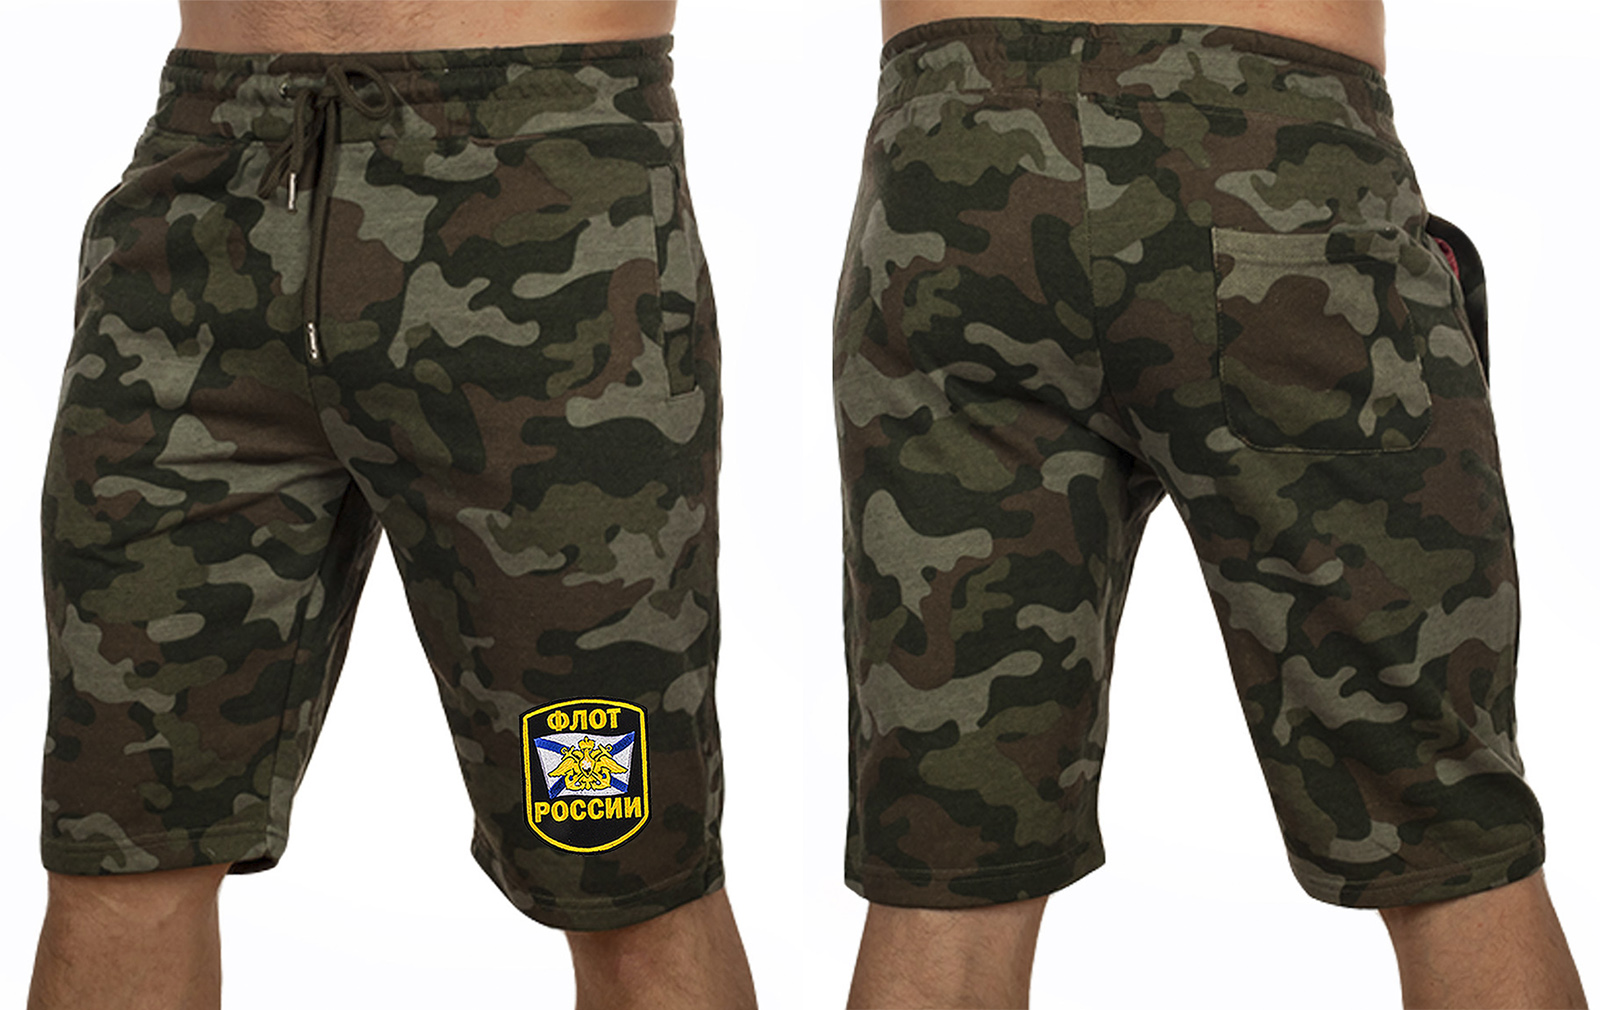 Удлиненные армейские шорты с нашивкой Флот России - купить по низкой цене